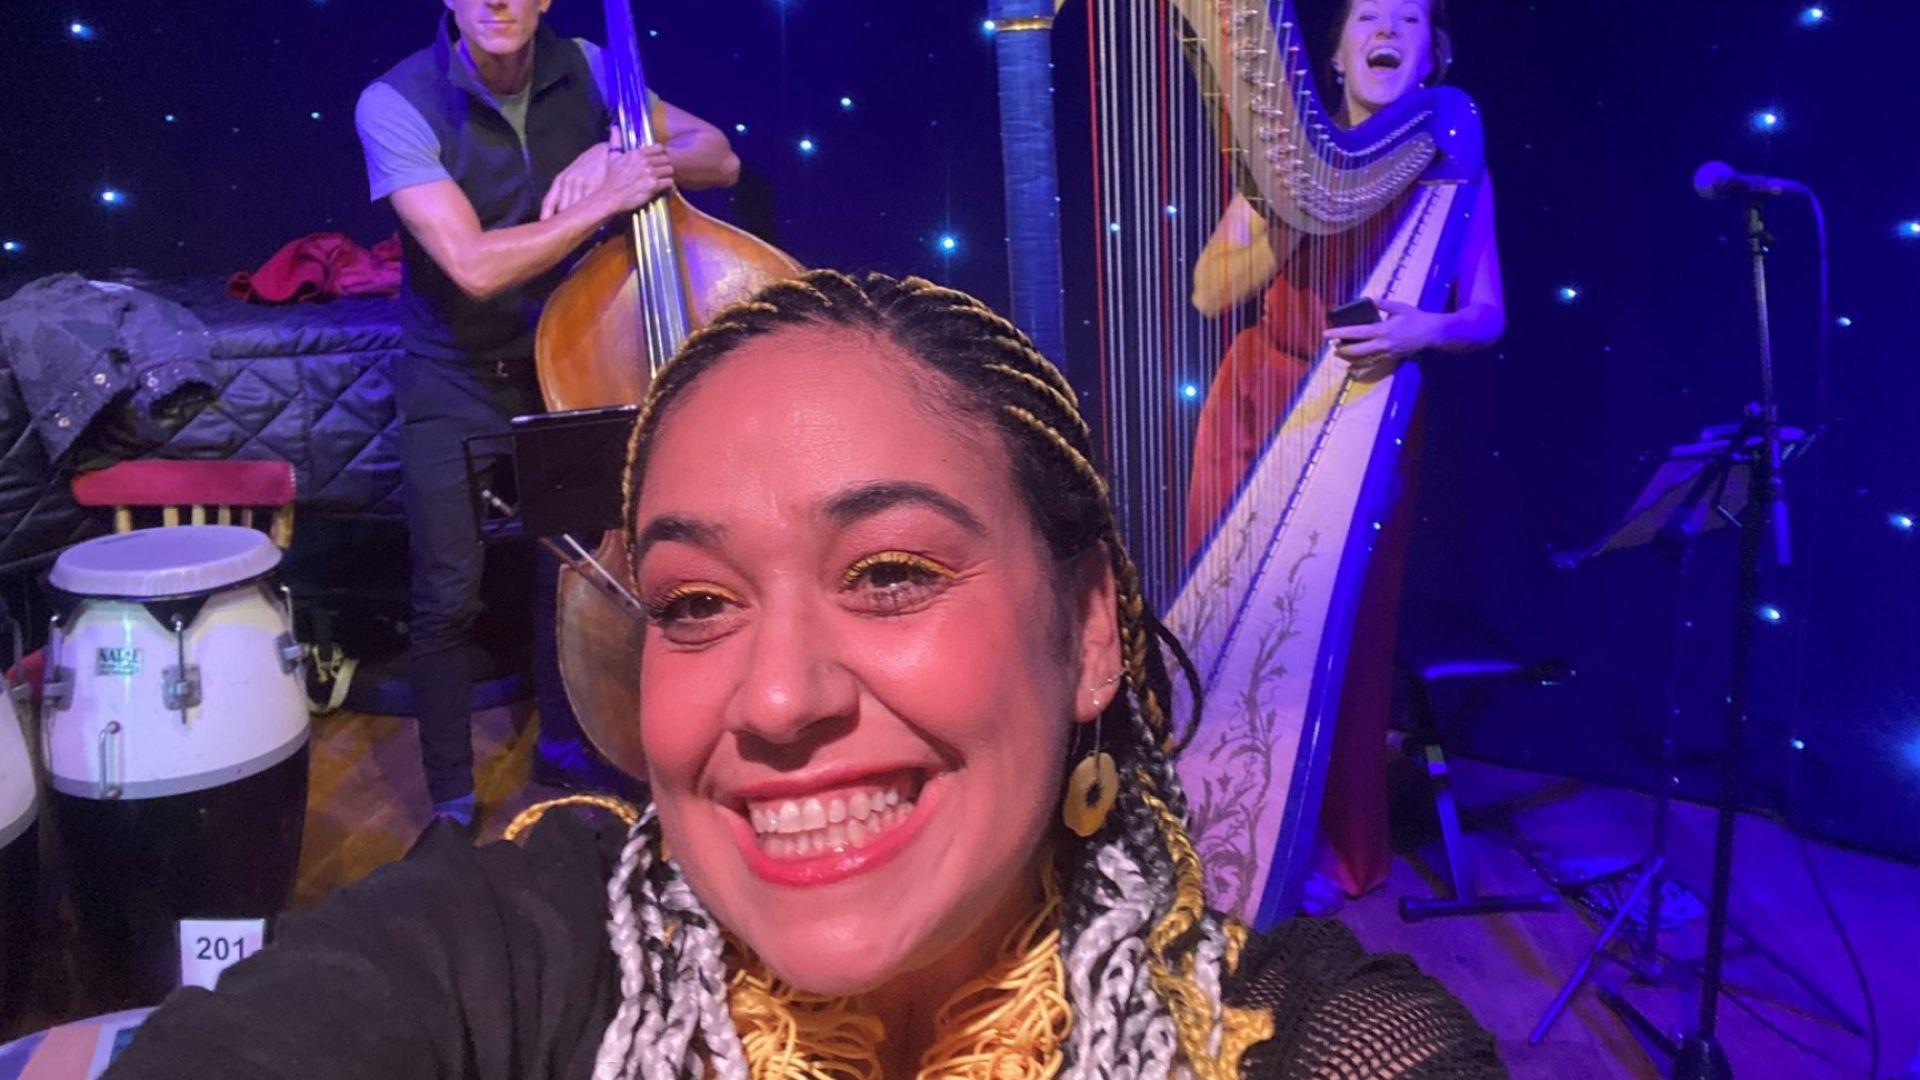 Лили Йончева кара, пее и се усмихва